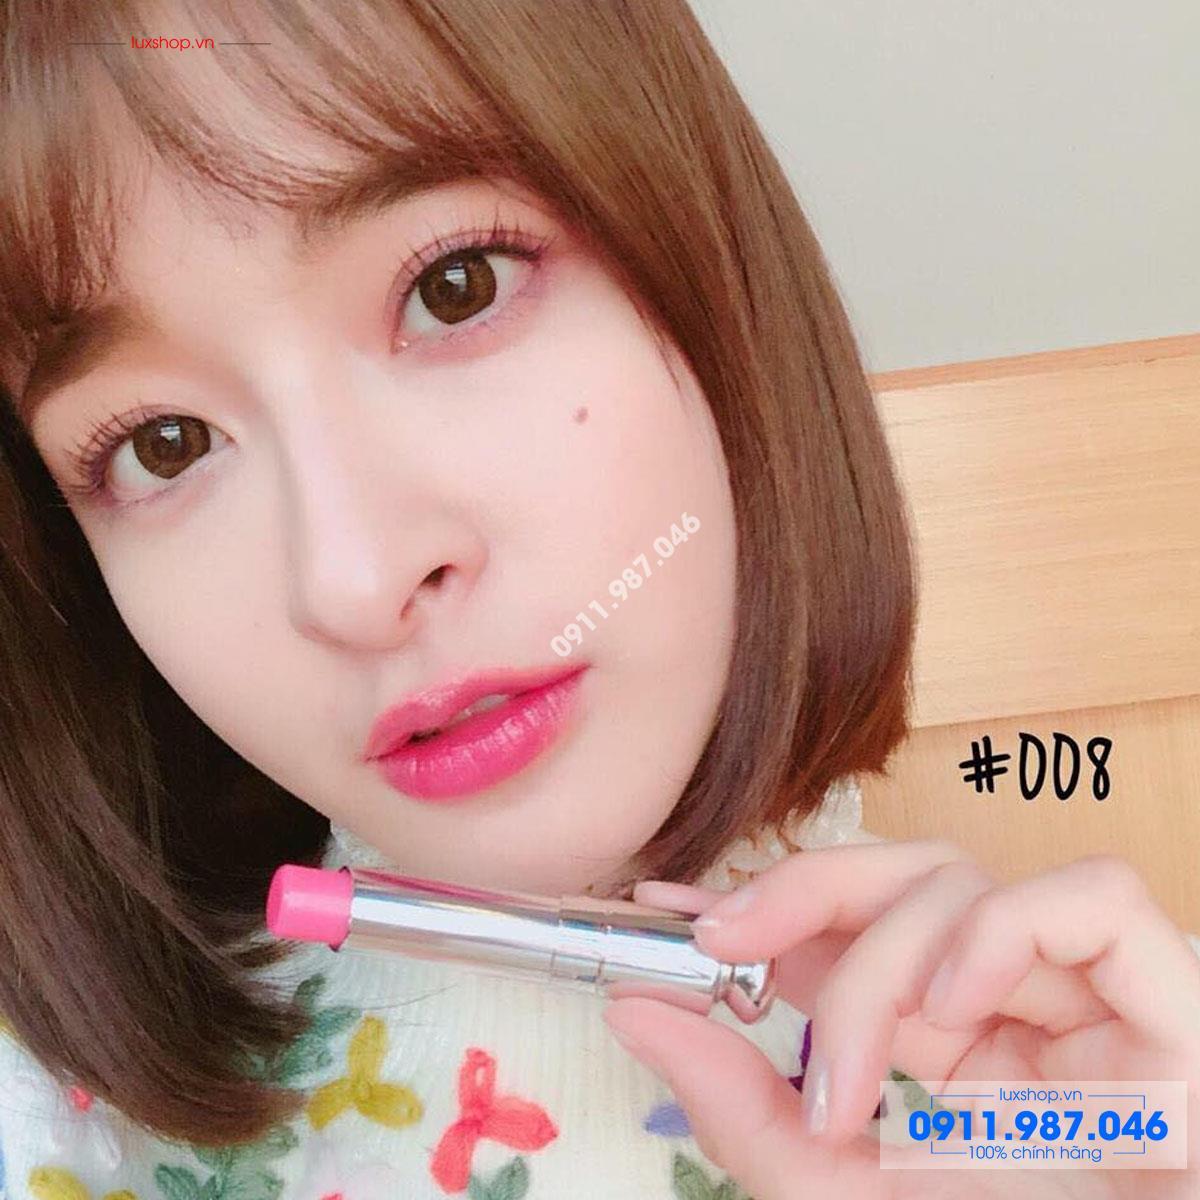 Son dưỡng môi Dior Addict Lip Glow 008 Ultra Pink 3.5g chính hãng Pháp